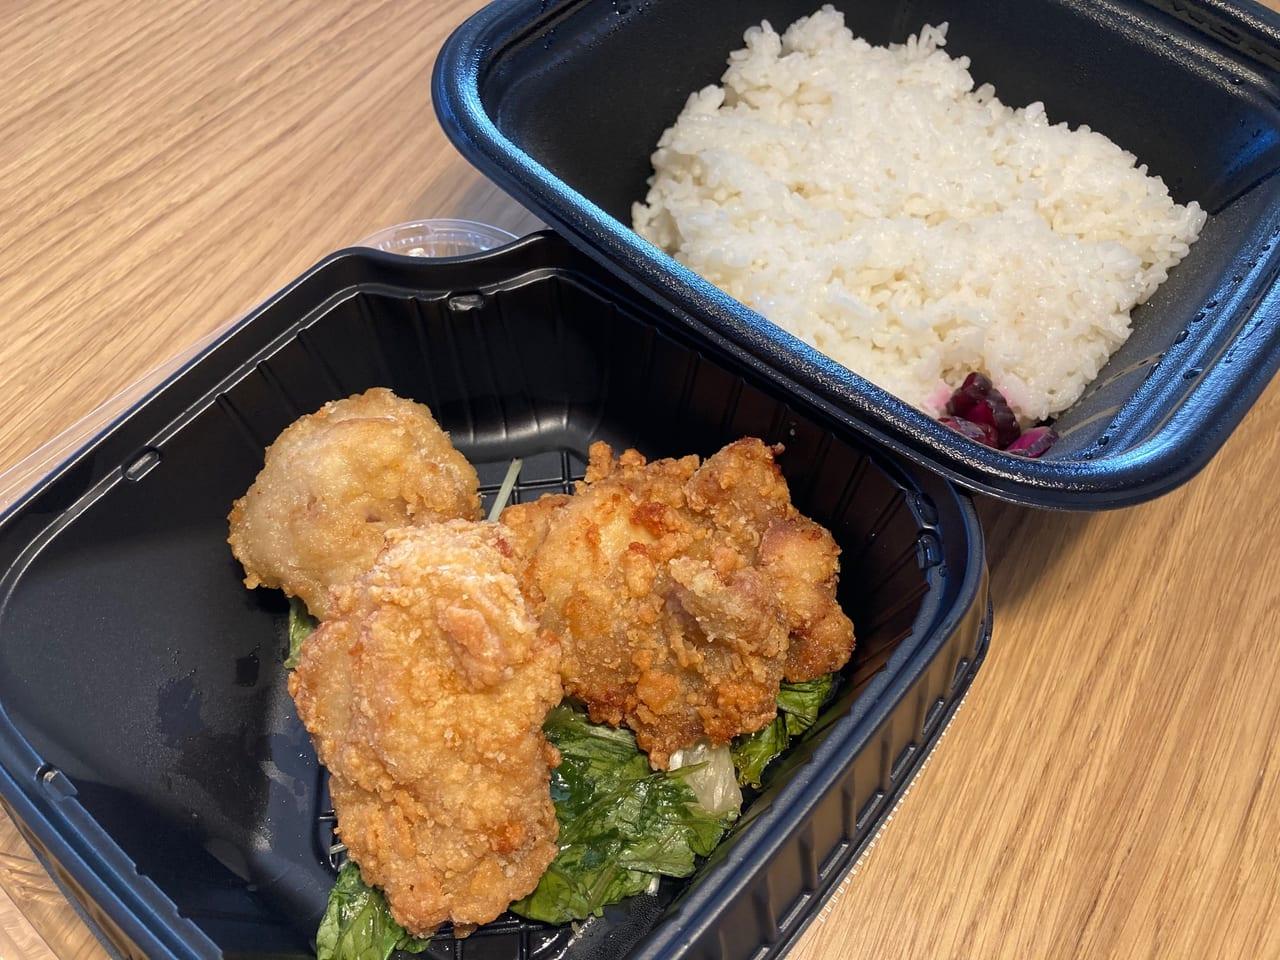 国分寺駅南口に『とりいちず食堂』が9月28日開店!オープン初日に並んで❝でか唐揚げ弁当❞を買ってきました!